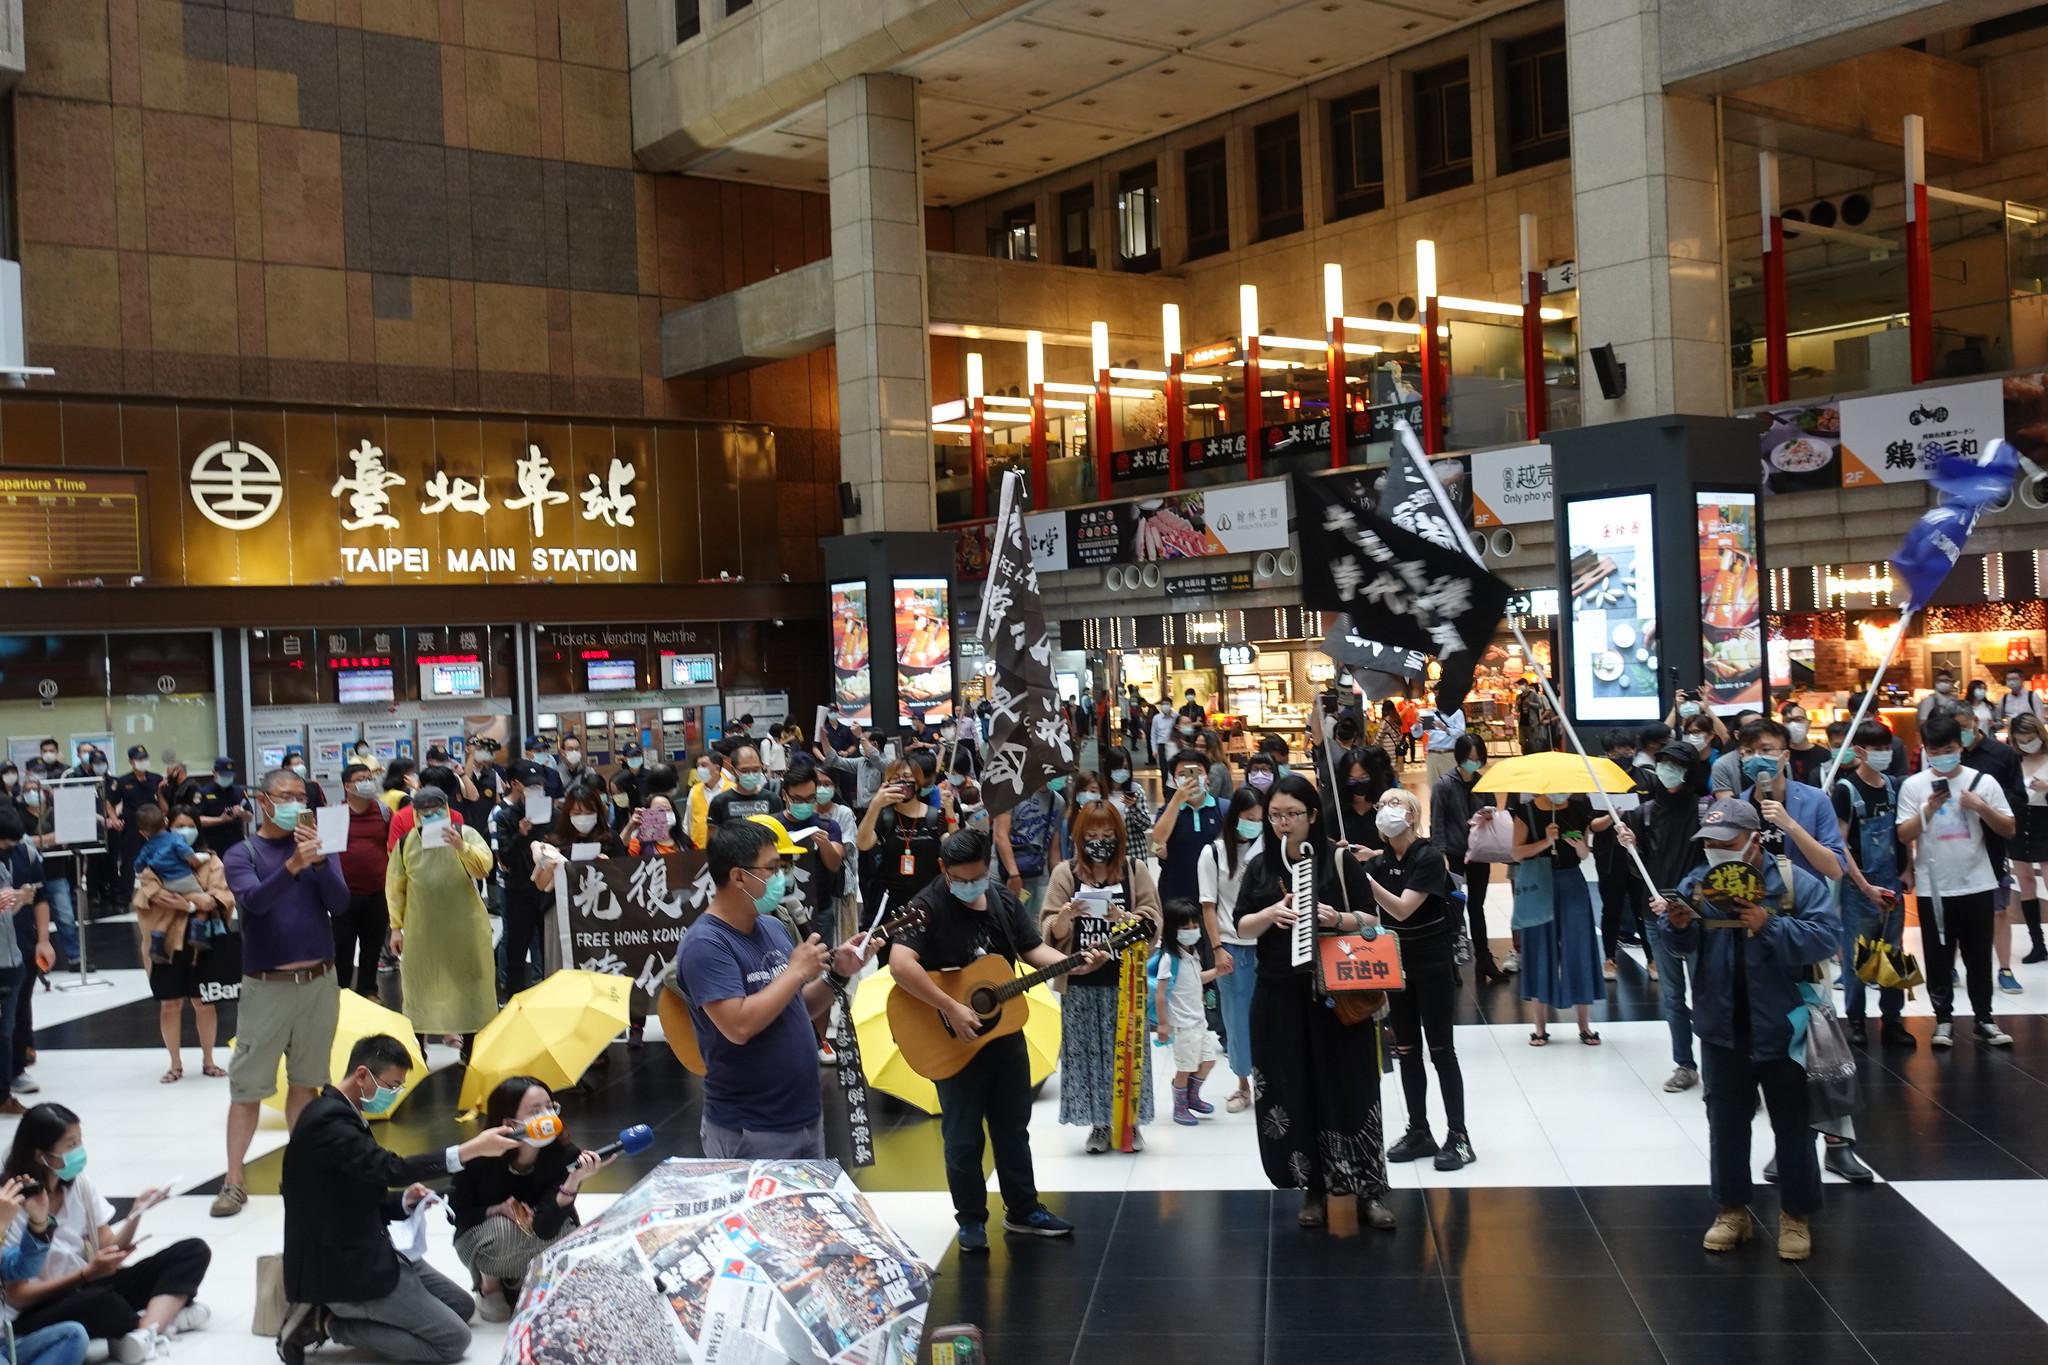 有民眾在大廳唱歌聲援香港。(攝影:張智琦)